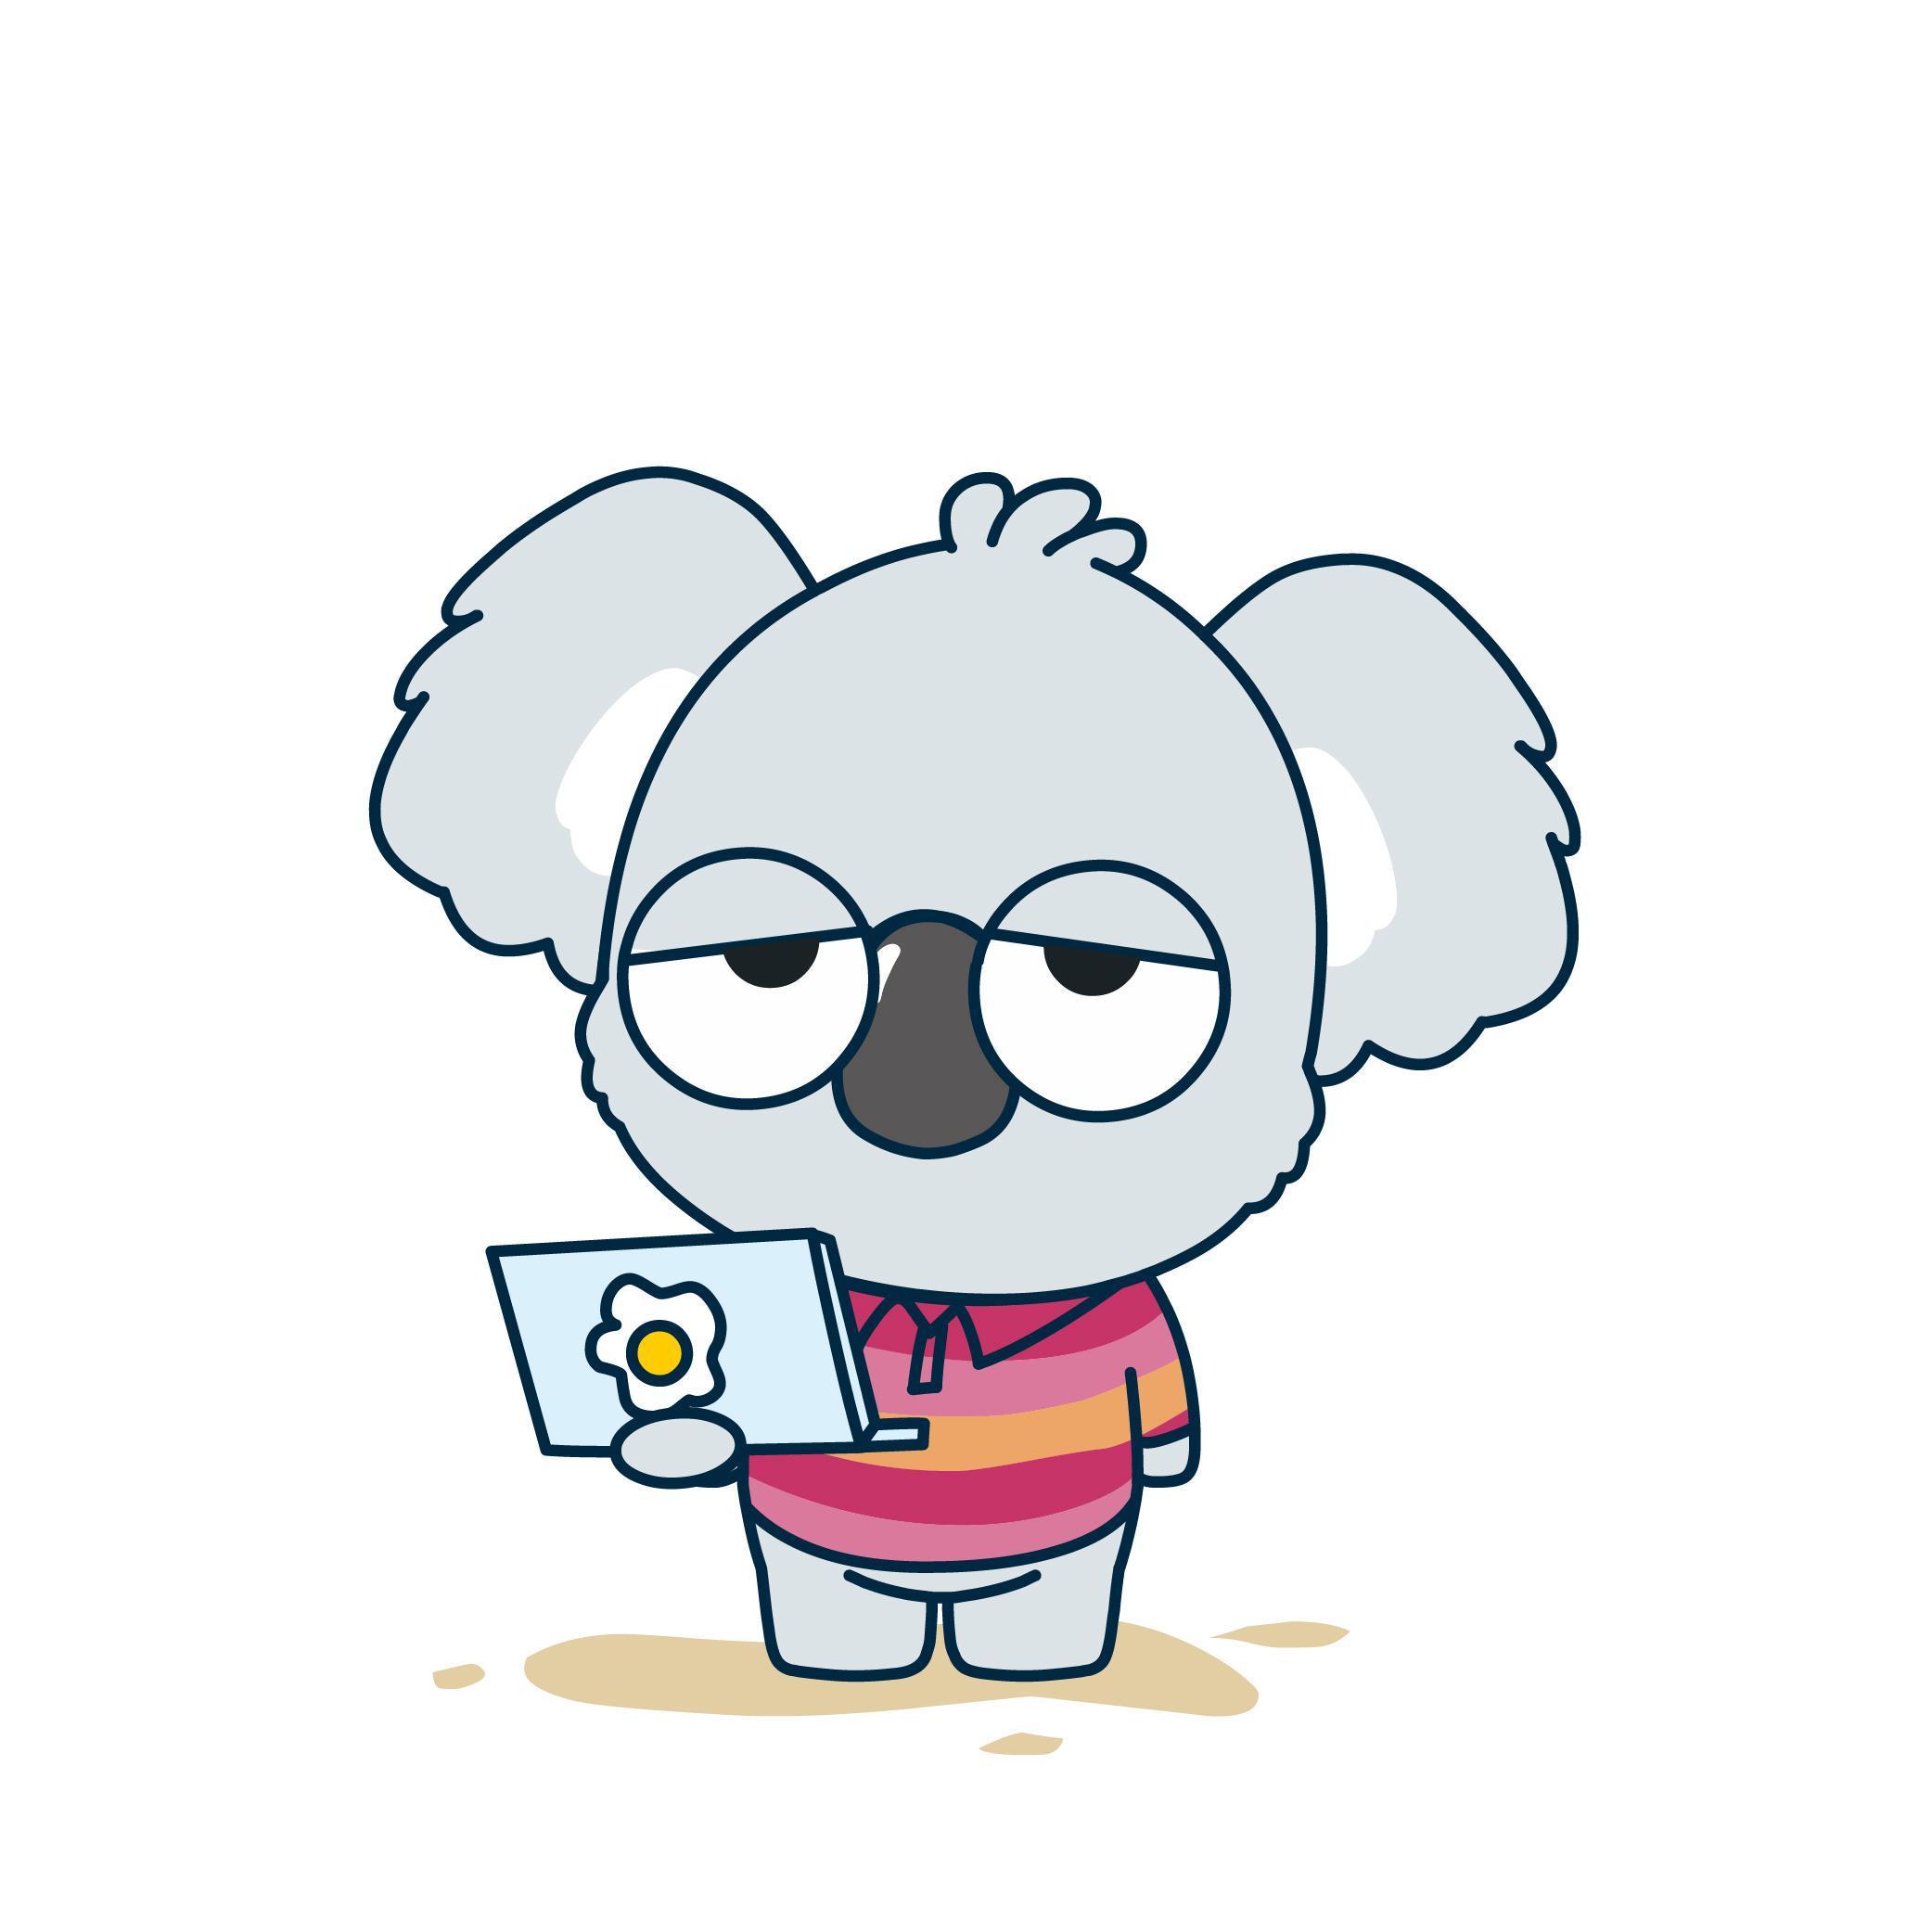 卡通考拉-考拉卡通图片大全可爱_考拉卡通人物_卡通